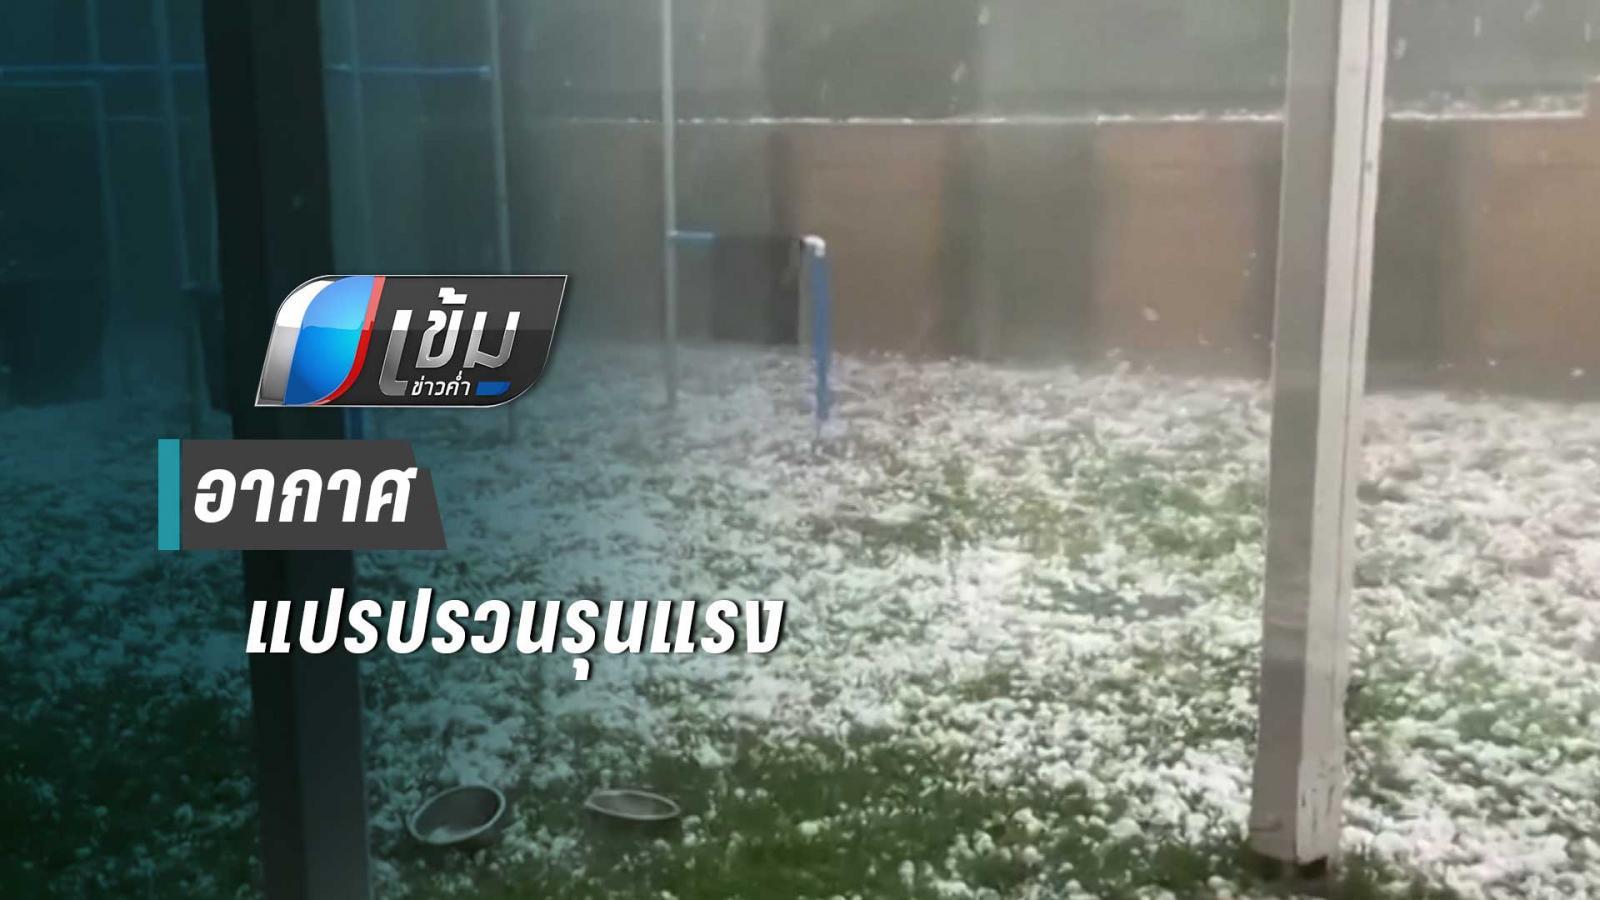 ออสเตรเลีย เผชิญพายุลูกเห็บ-พายุฝุ่นพัดถล่ม